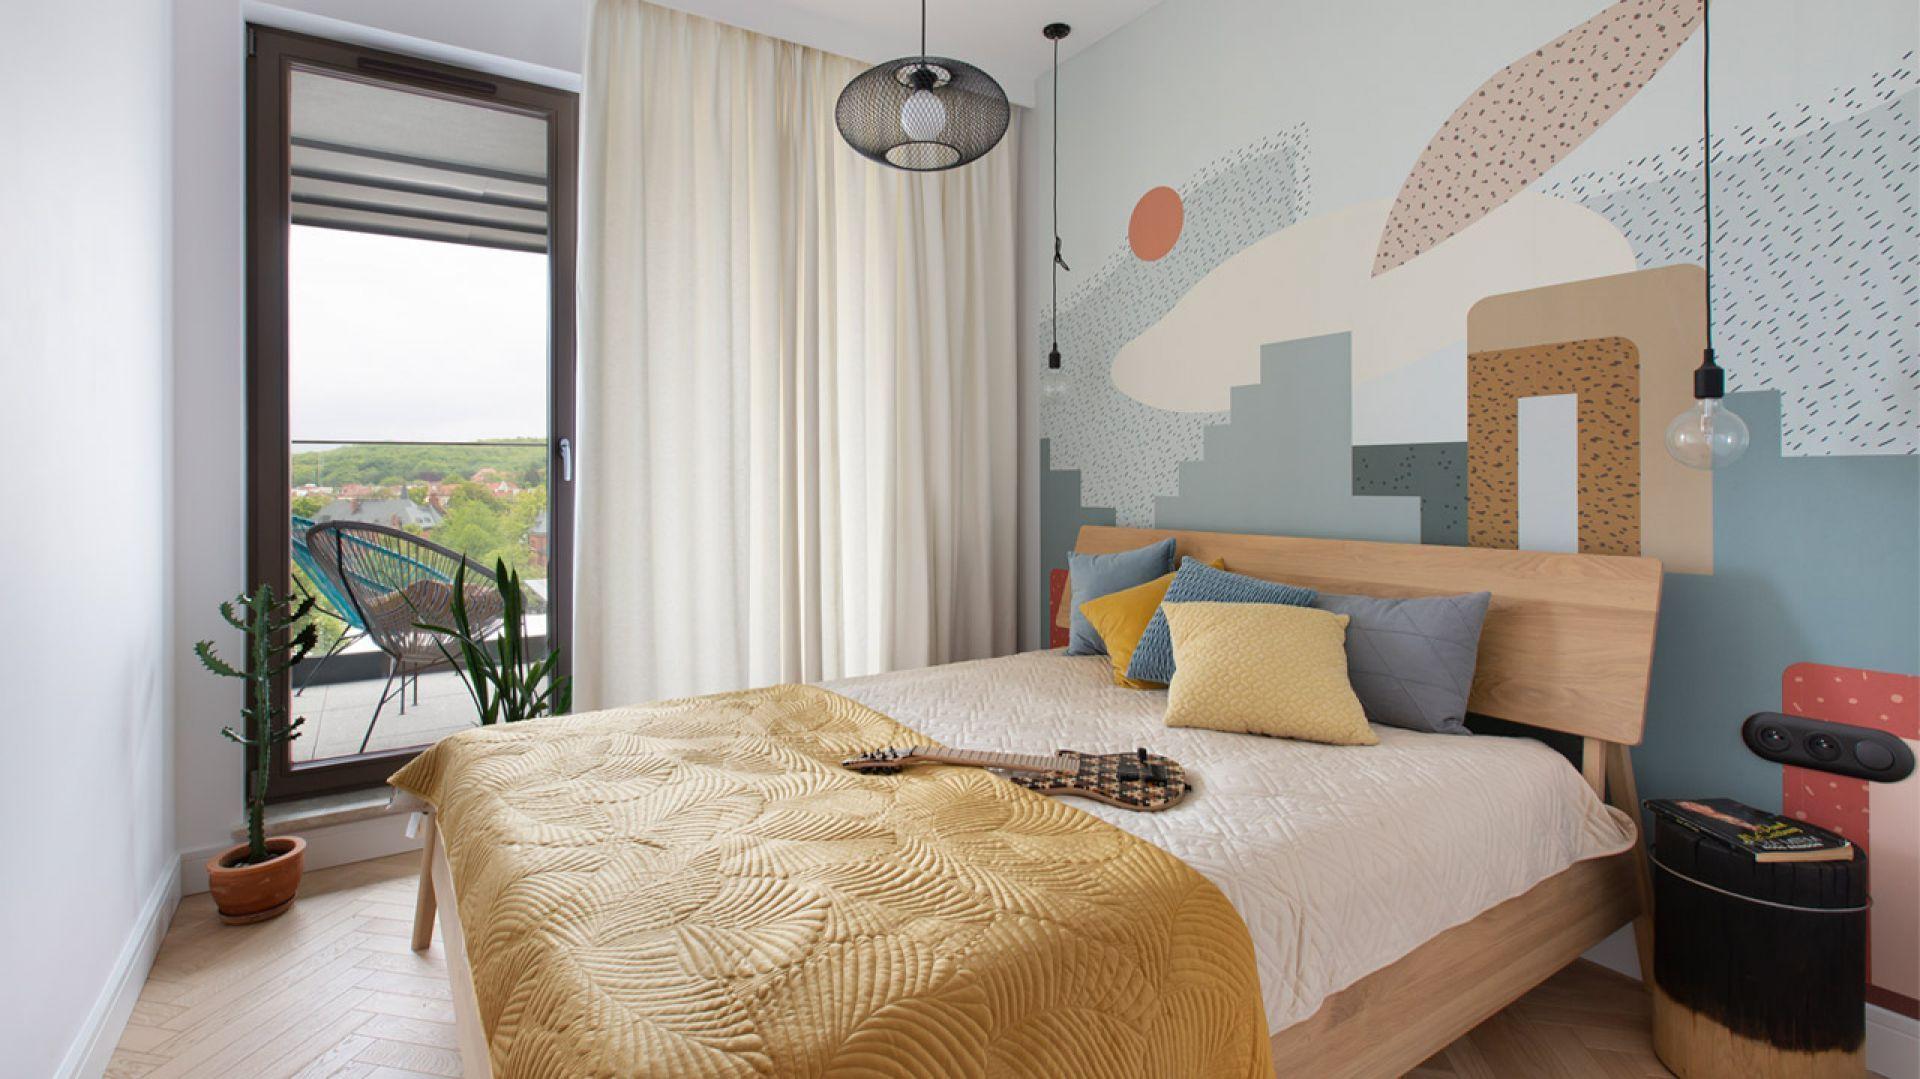 Ściana za łóżkiem w sypialni wykończona jest kolorową tapetą o ładnym, geometrycznym wzorze. Kolory są subtelne i spokojne. Projekt: Marta Kodrzycka, Marta Wróbel, Grupa Malaga. Fot. Magdalena Łojewska